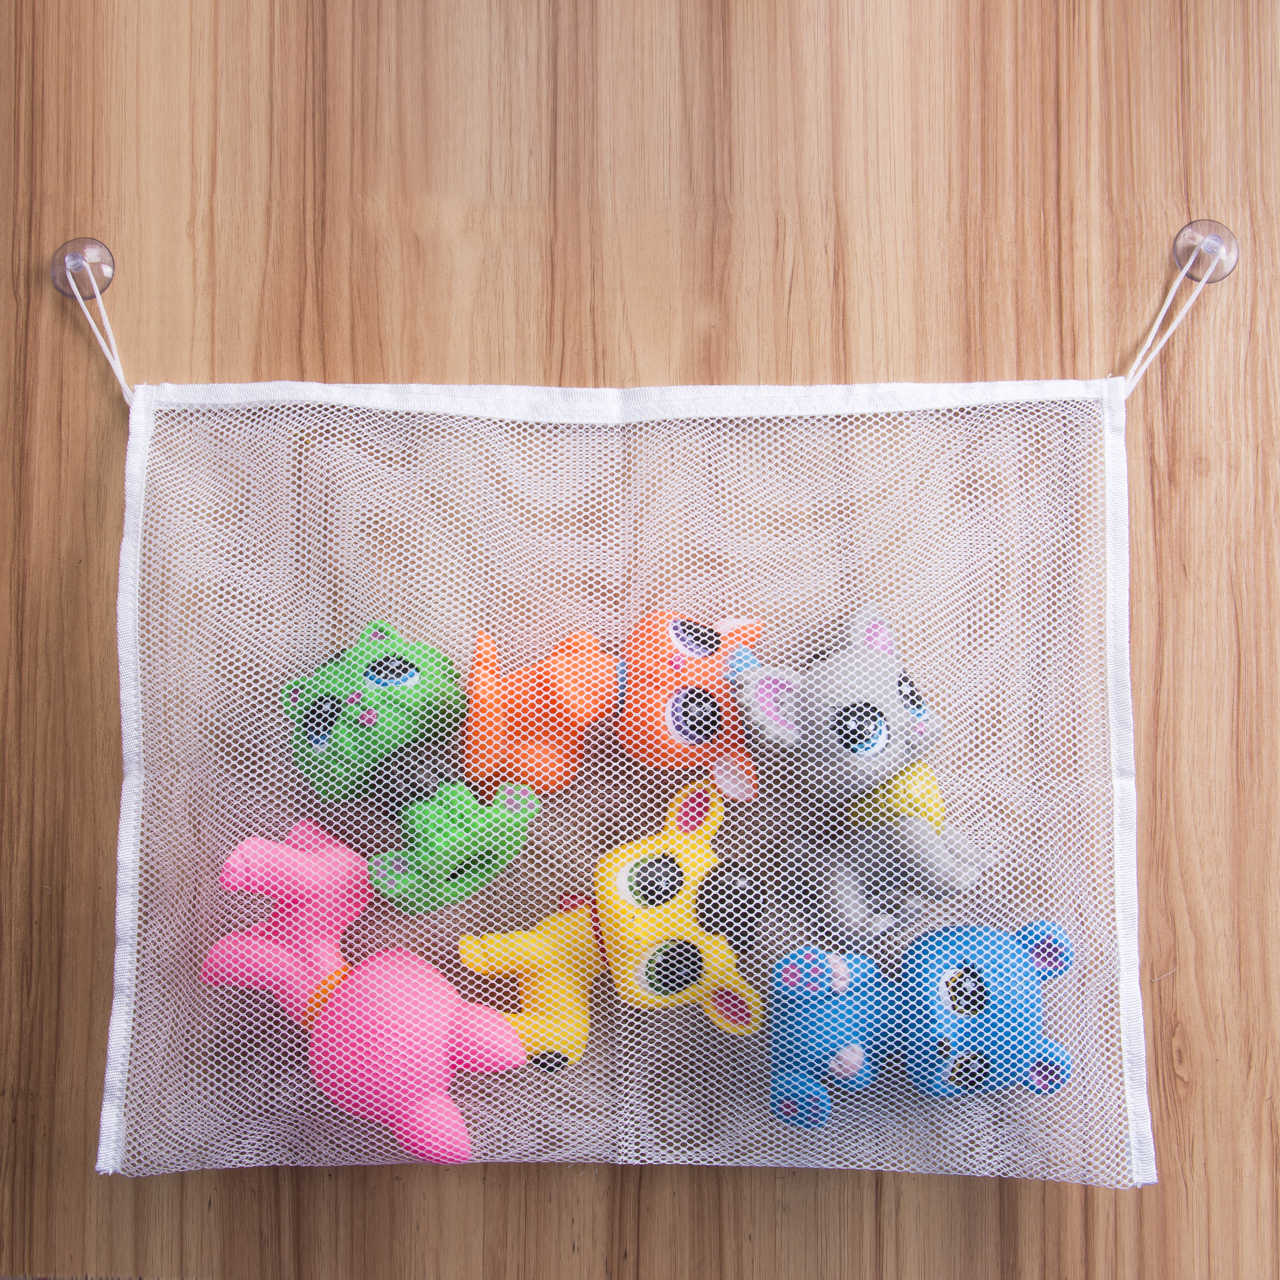 את מכירה לוהטת Faroot חדש כיף מגשר תינוק ילדים ילד אמבטיה תלויה צעצוע שקית אחסון תיק Sheer תיק פרייר באגי תיק גדול 45x35 cm